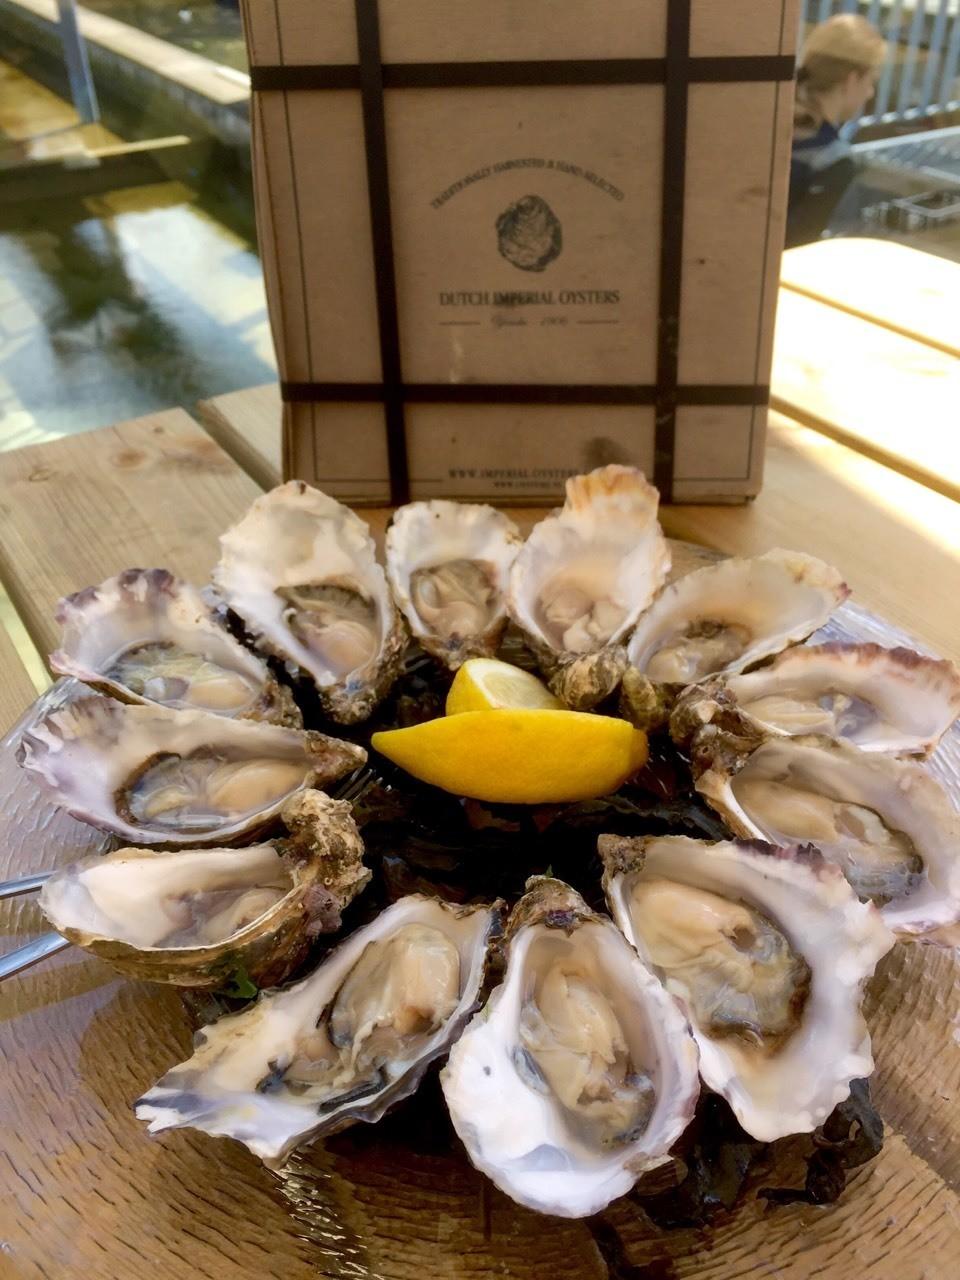 Austern schmecken im Herbst einfach am Besten ... schon mal Austern aus Zeeland (Niederlande) mit unserem Petit Salé probiert? Übrigens: Der Winzer, Raimond de Villeneuve von Château Roquefort kommt im Dezember zu uns!